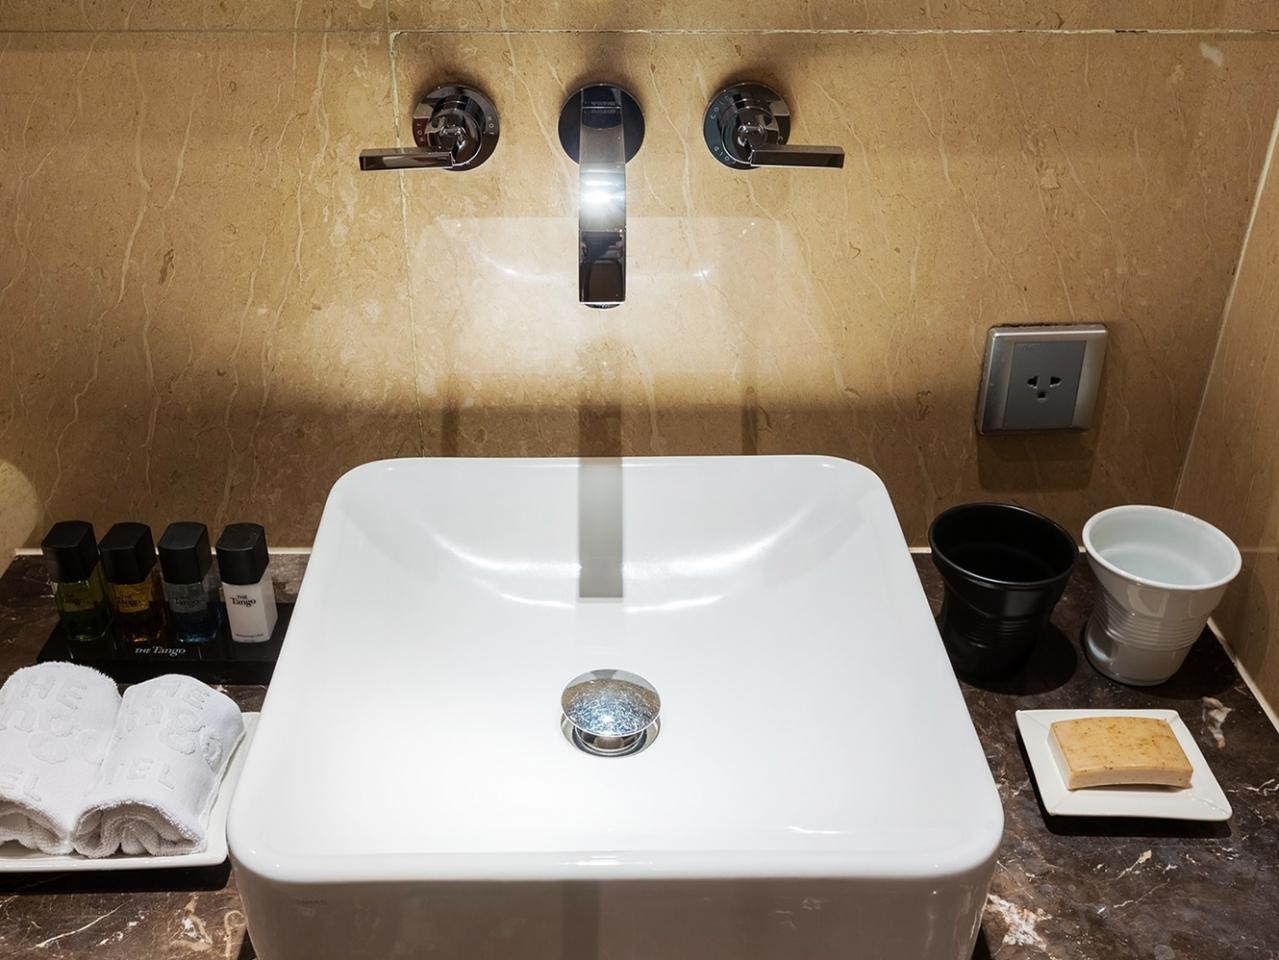 アメニティも充実。タオルも多く、トイレも温水洗浄便座となにかと揃っています。バスタブはジュニアキングルームから。